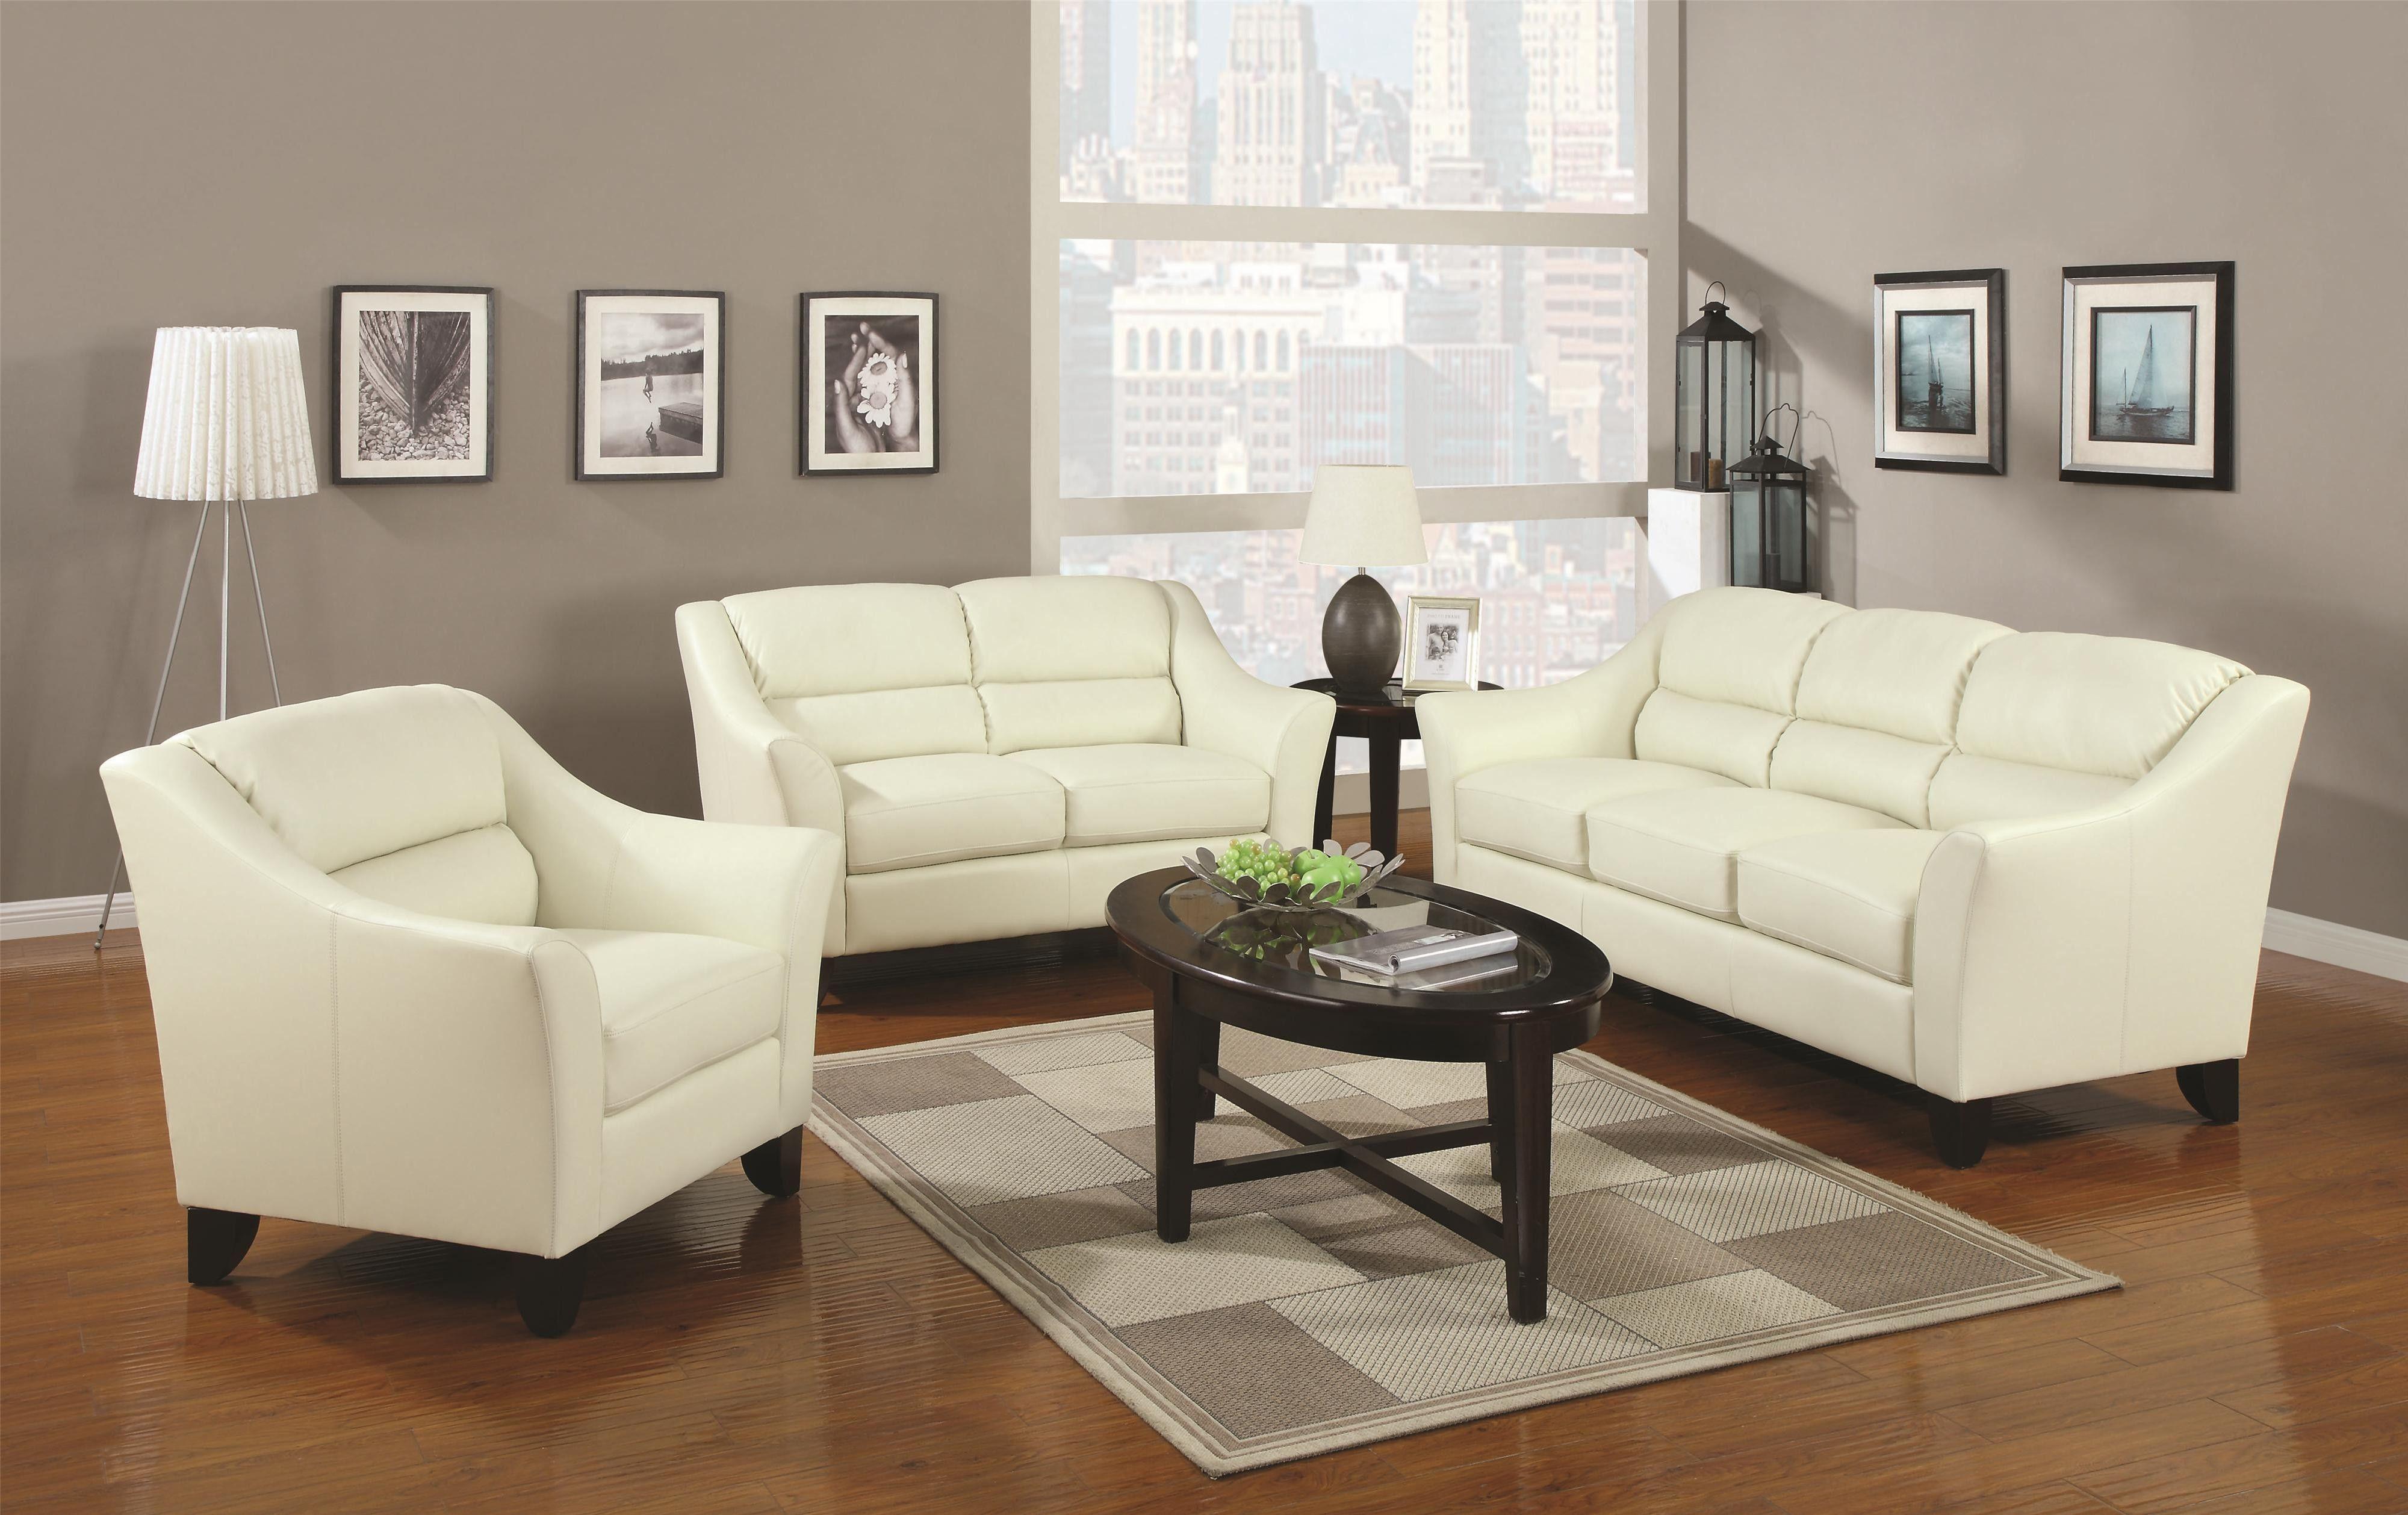 Weiße Leder Stühle Für Wohnzimmer Überprüfen Sie Mehr Unter Http://stuhle .info